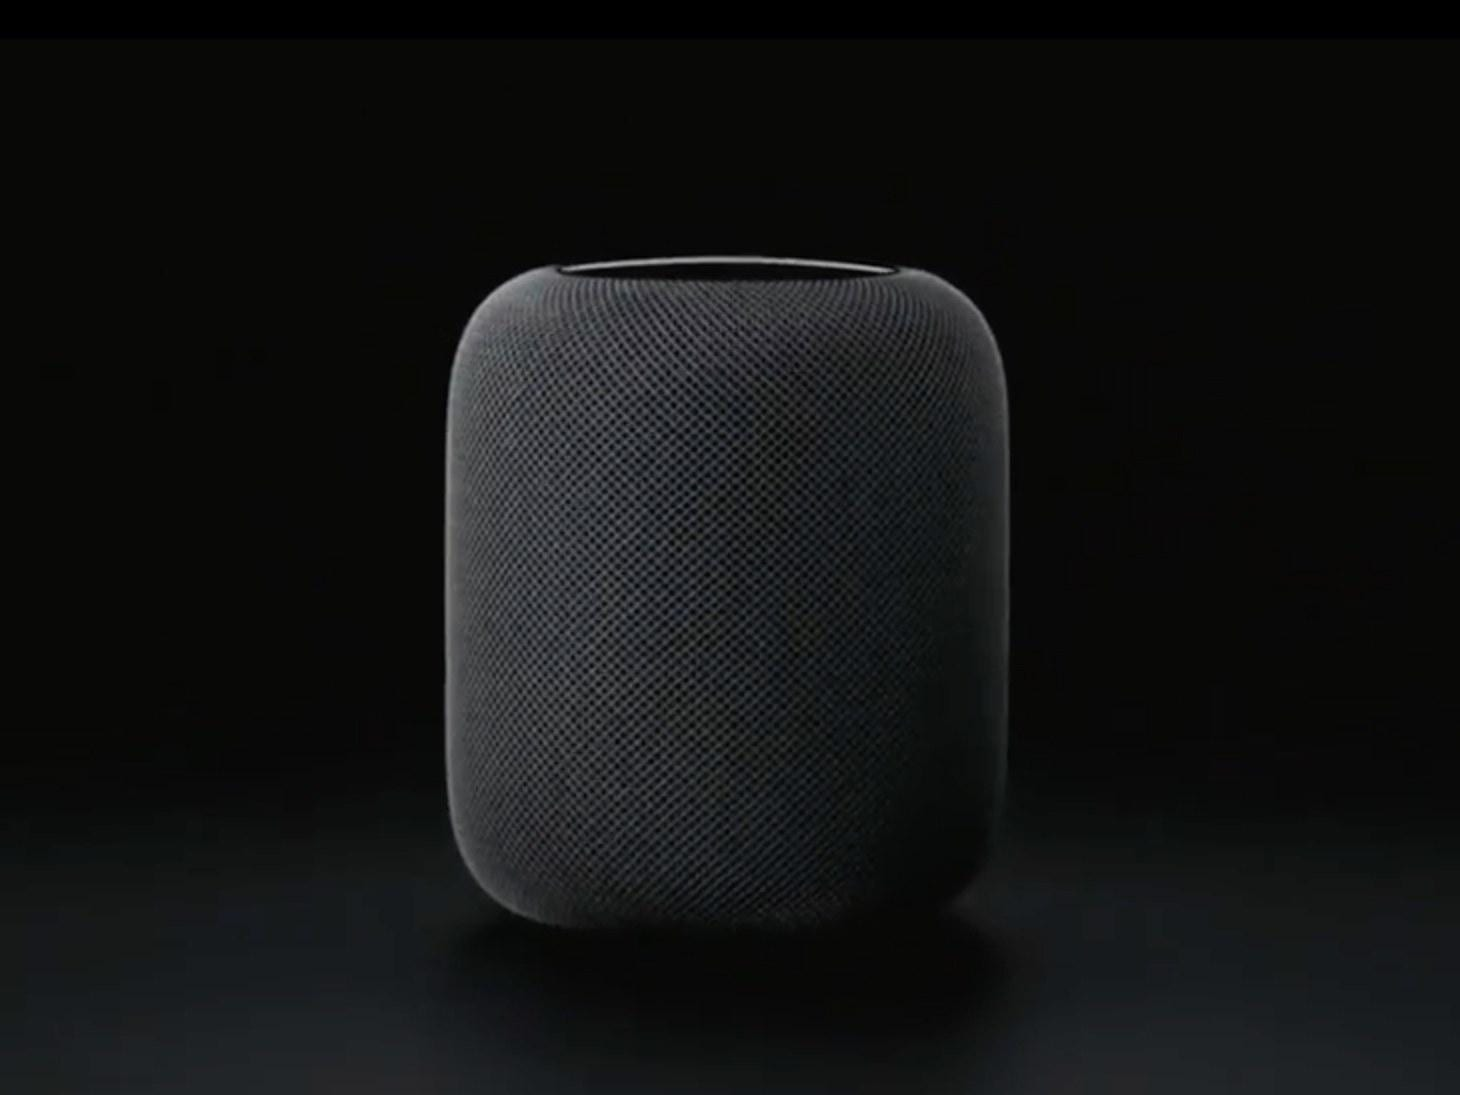 SpeakerTA - Apple представила домашнюю колонку HomePod